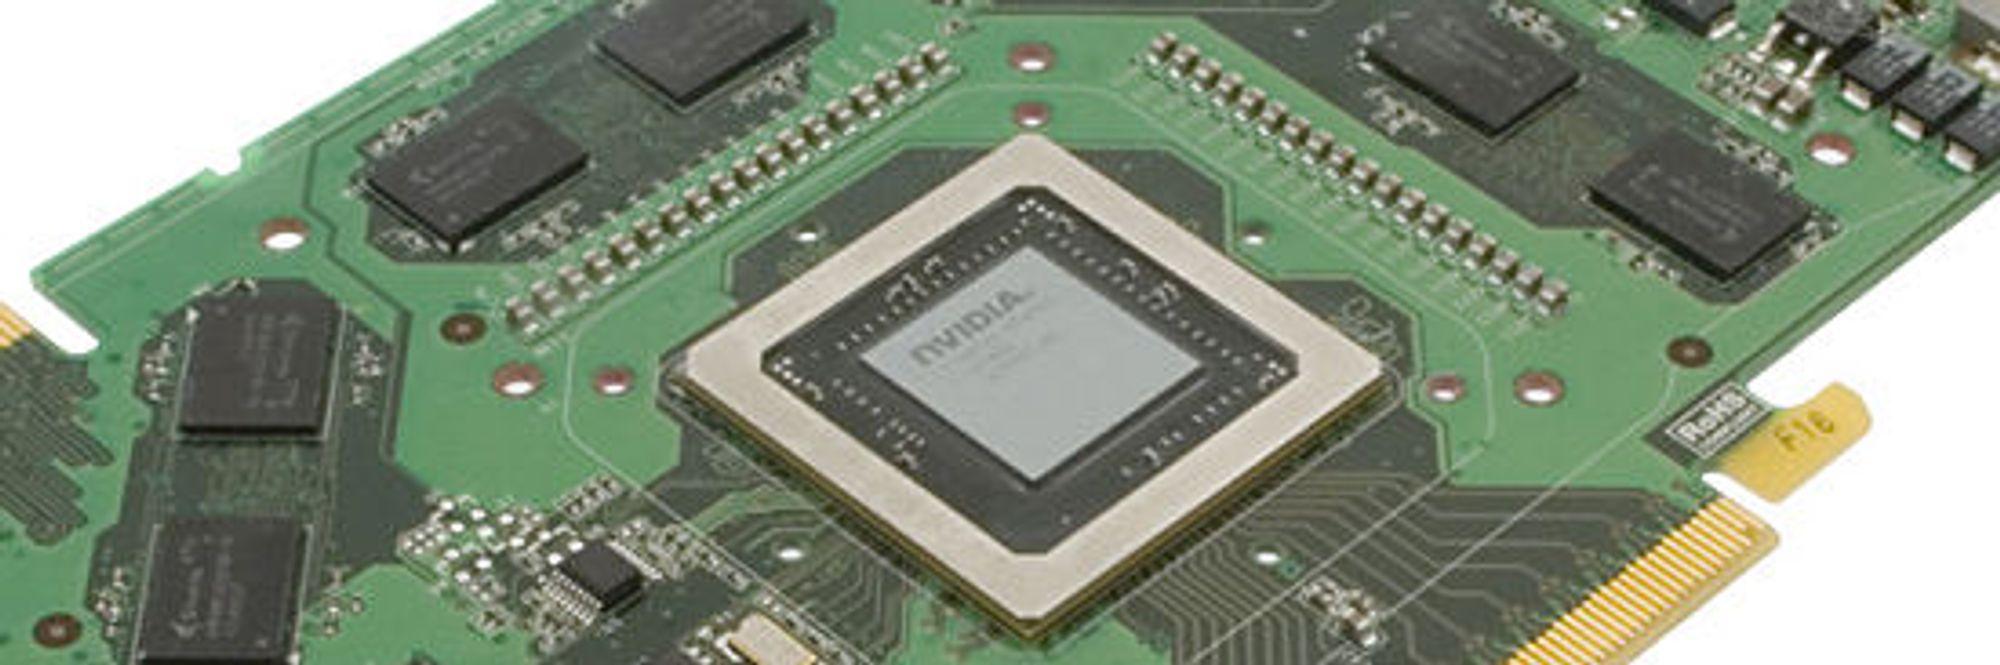 G92: Skal også brukes i den nye GeForce 8800 GTS